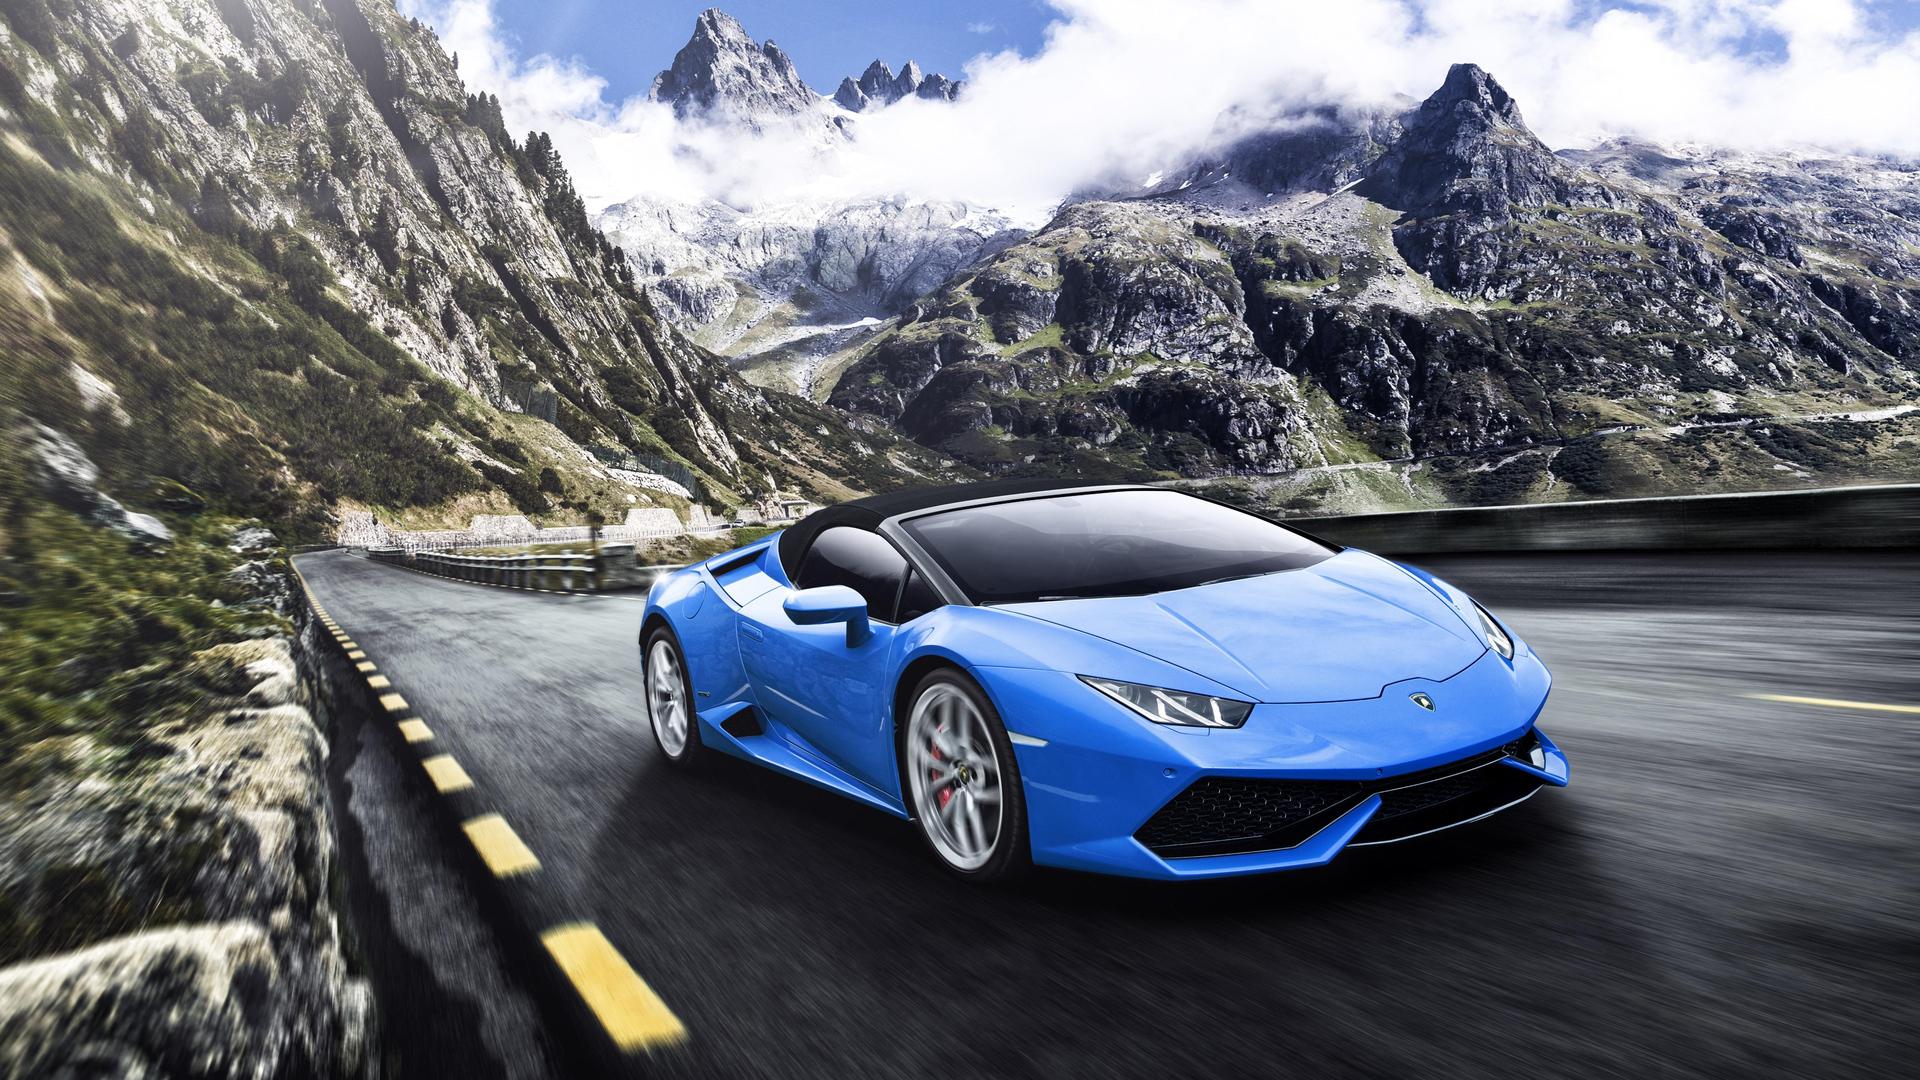 1920x1080 Blue Lamborghini Huracan 5k Laptop Full HD 1080P ...